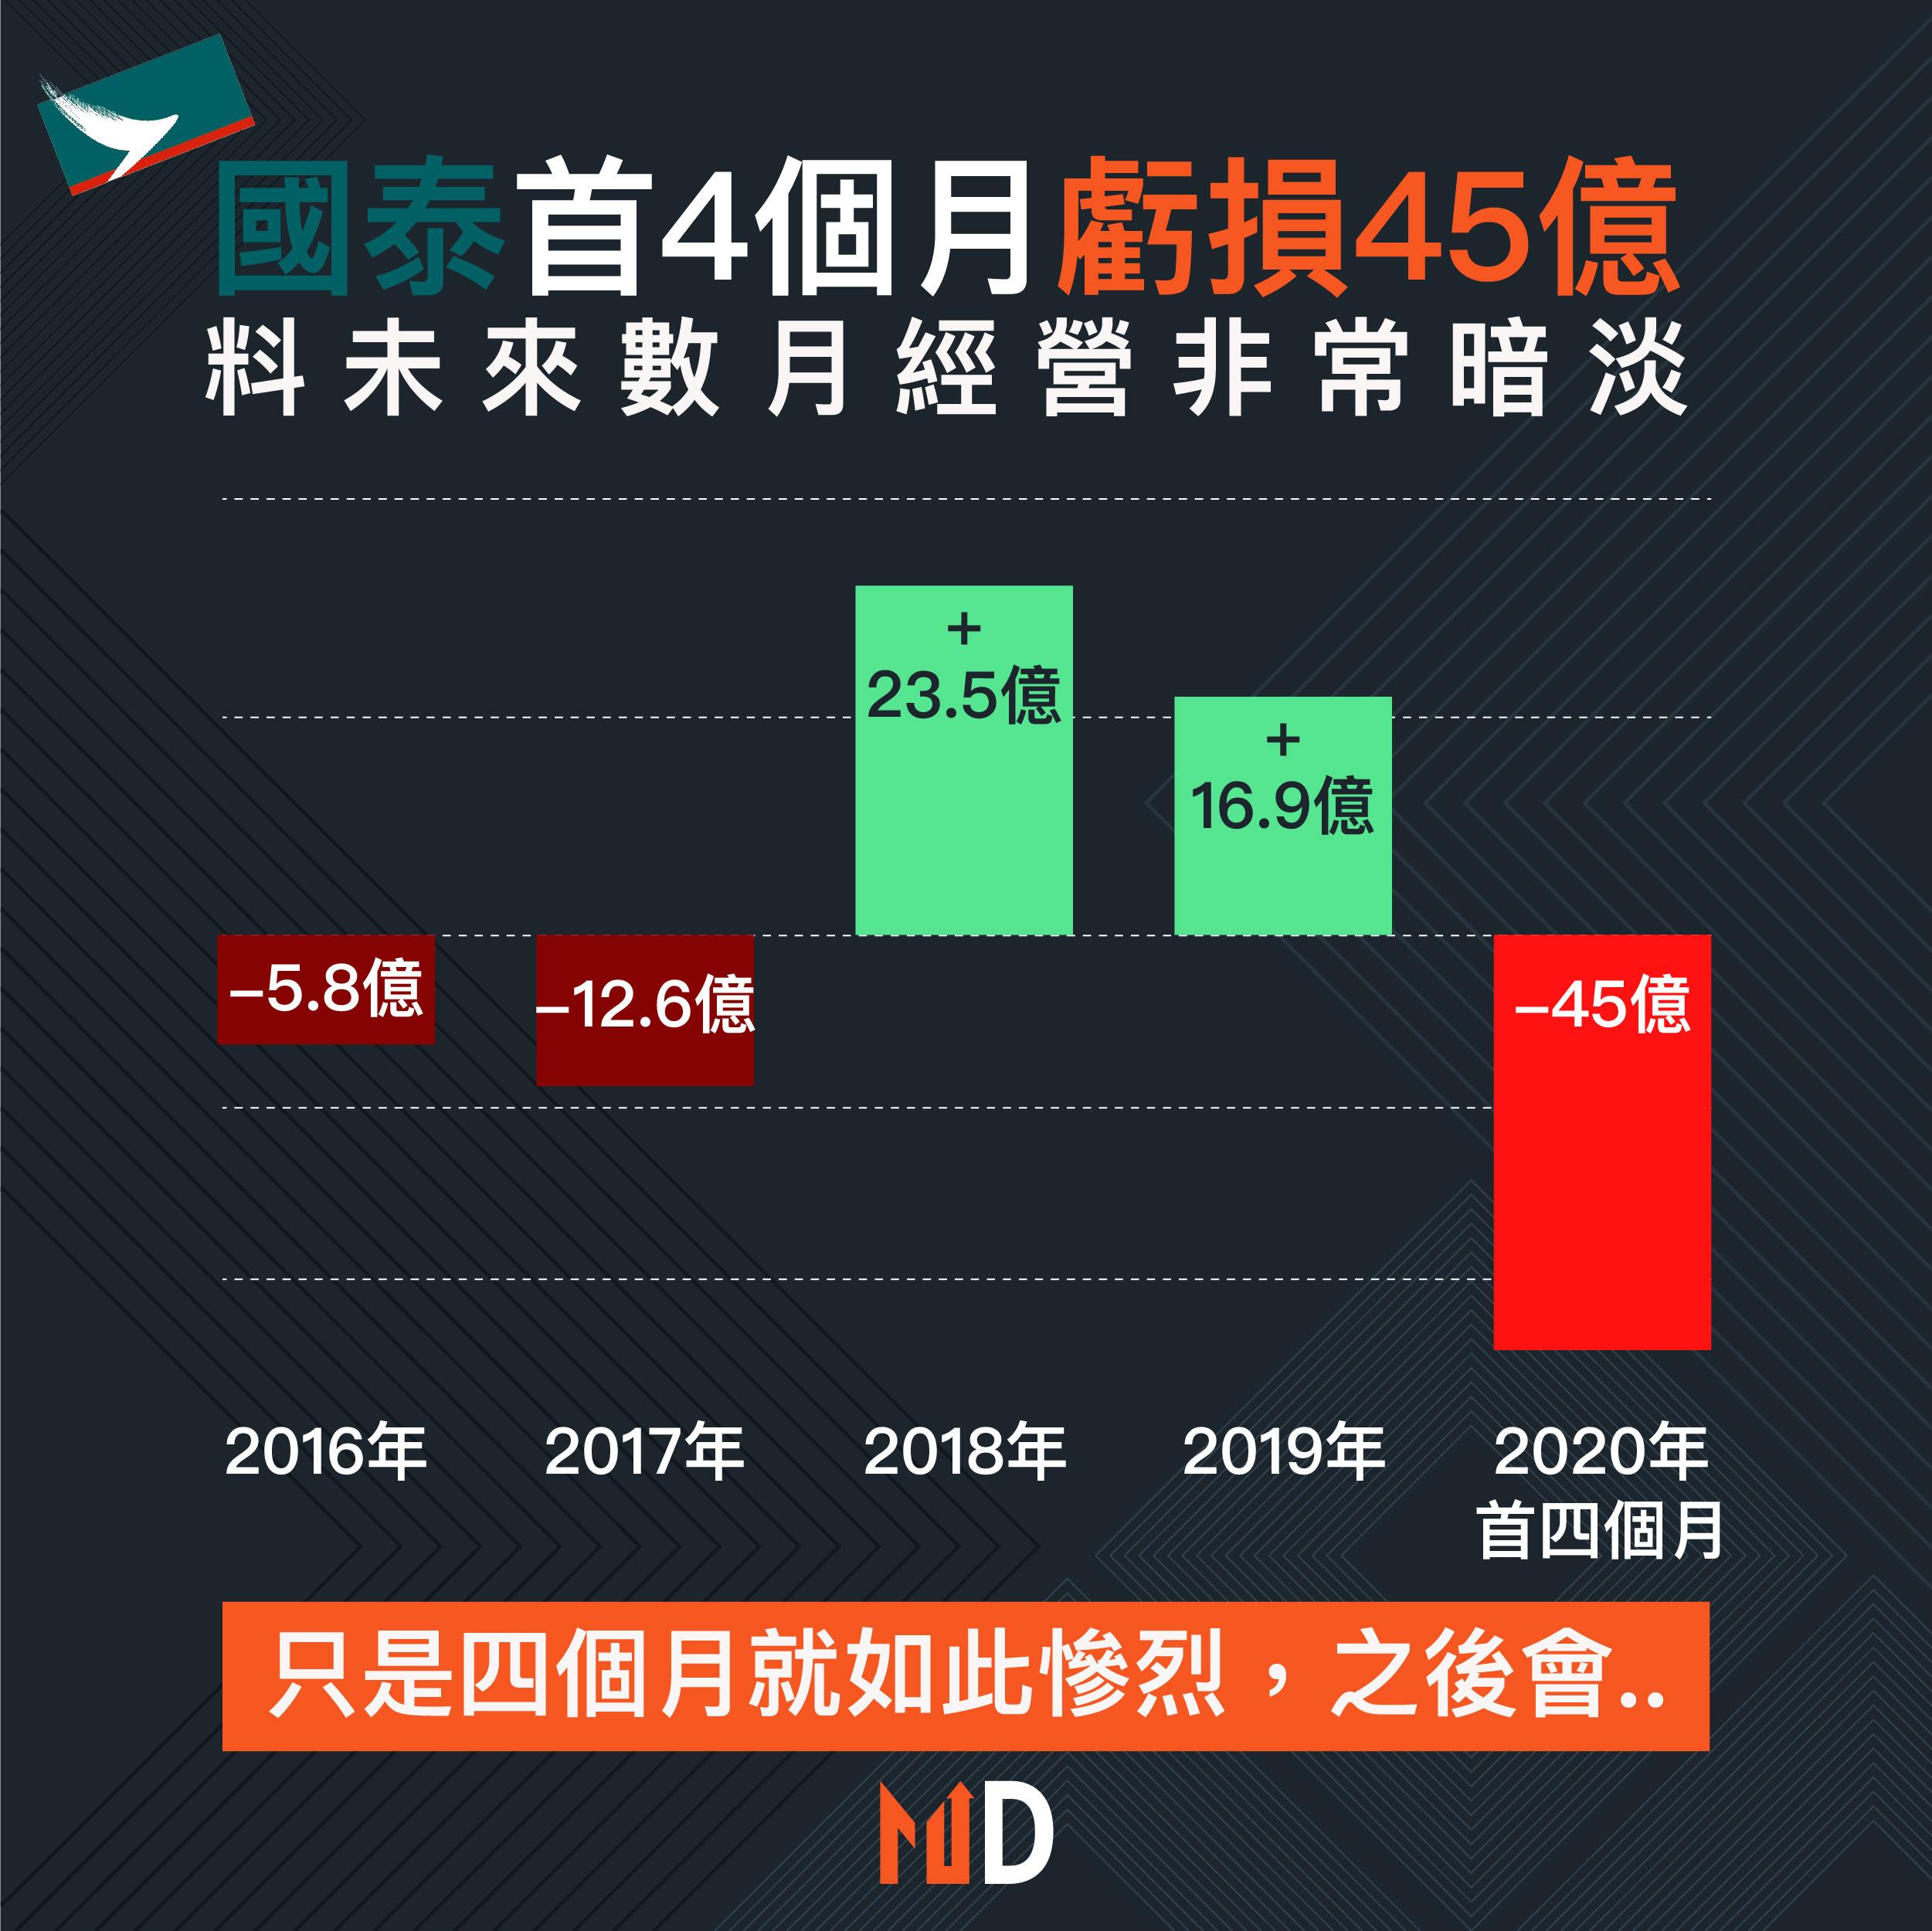 【市場熱話】國泰首4個月虧損45億,料未來數月經營非常暗淡